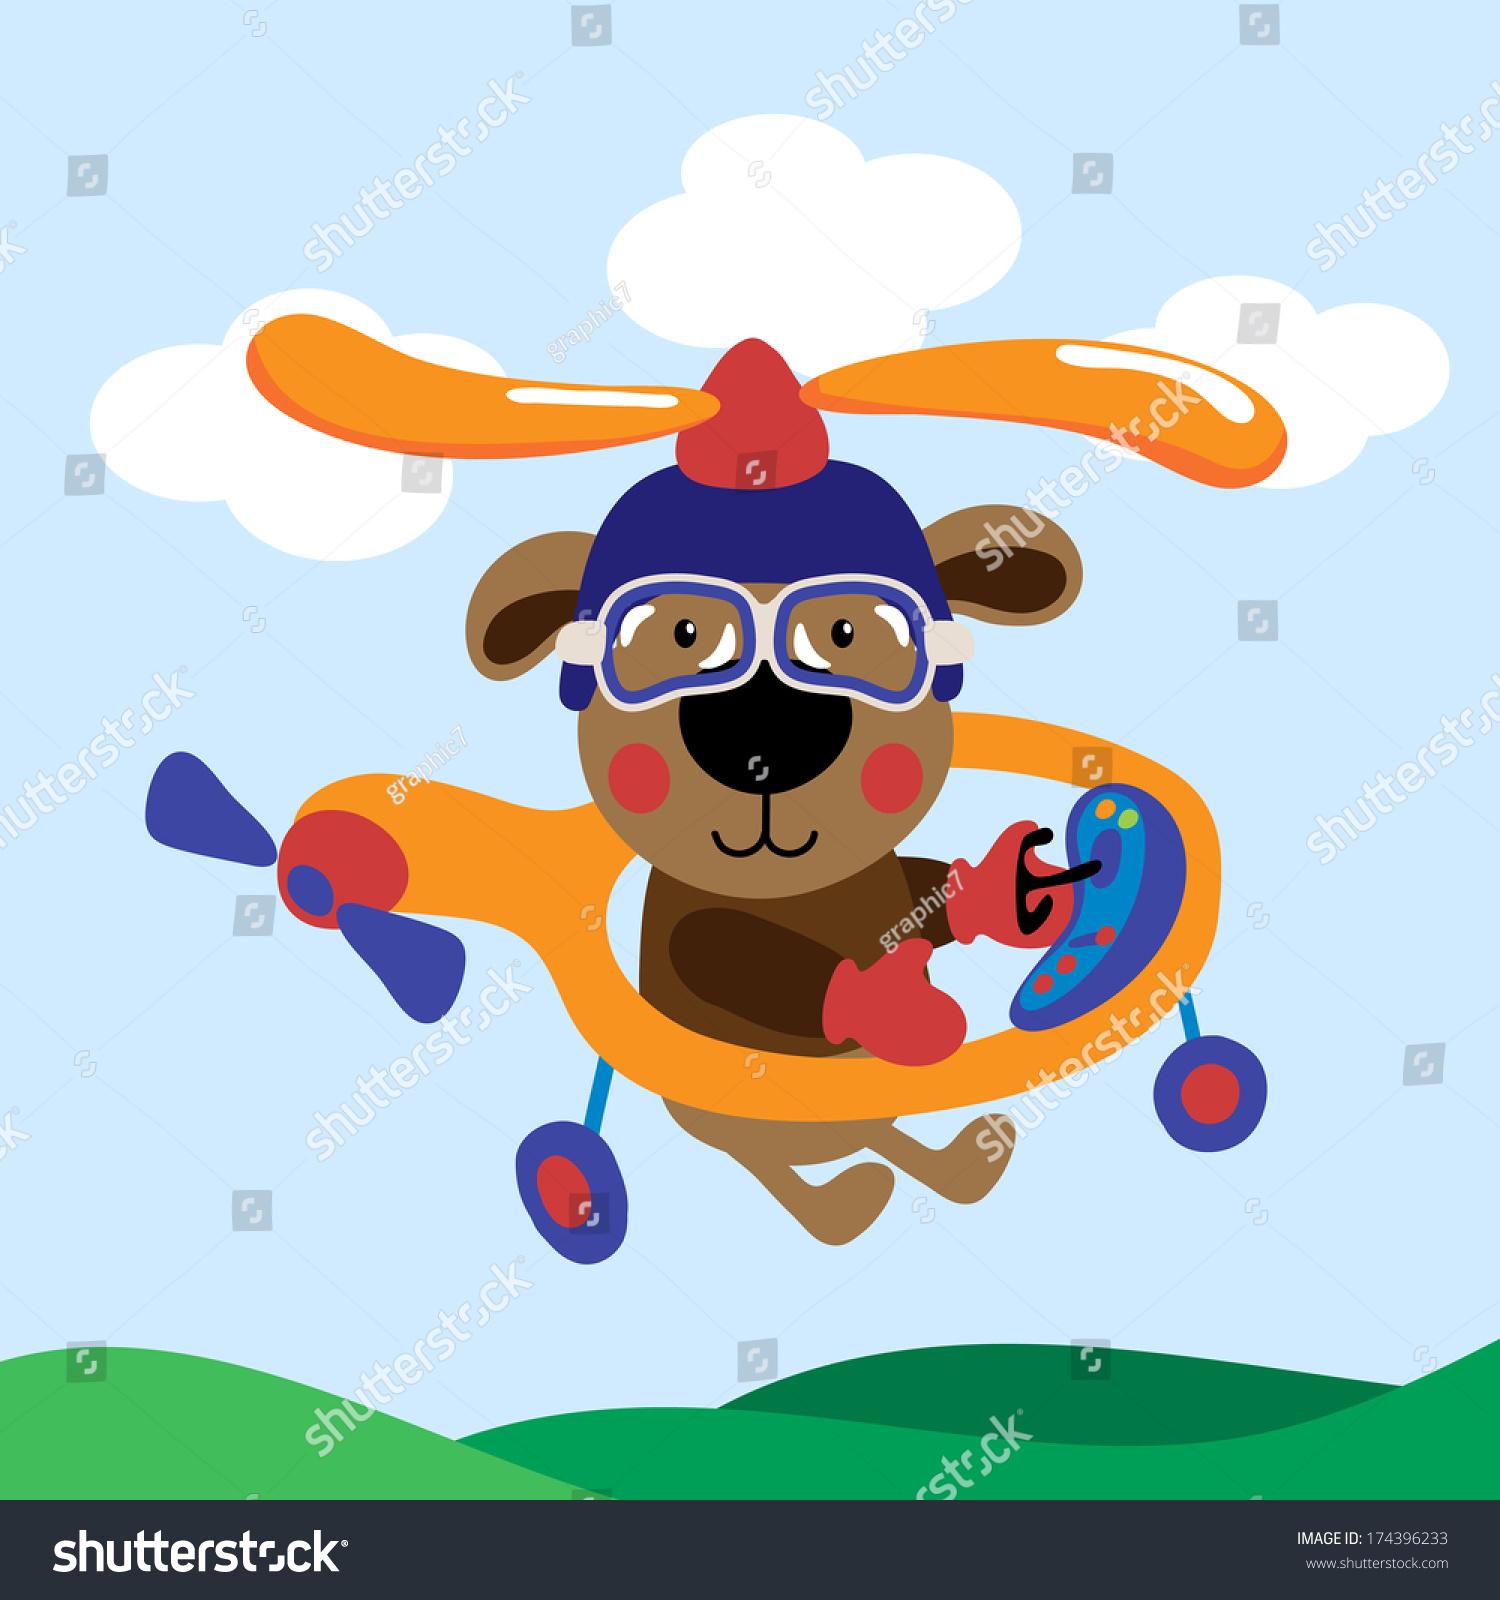 可爱的泰迪熊与直升机飞行-交通运输,动物/野生生物